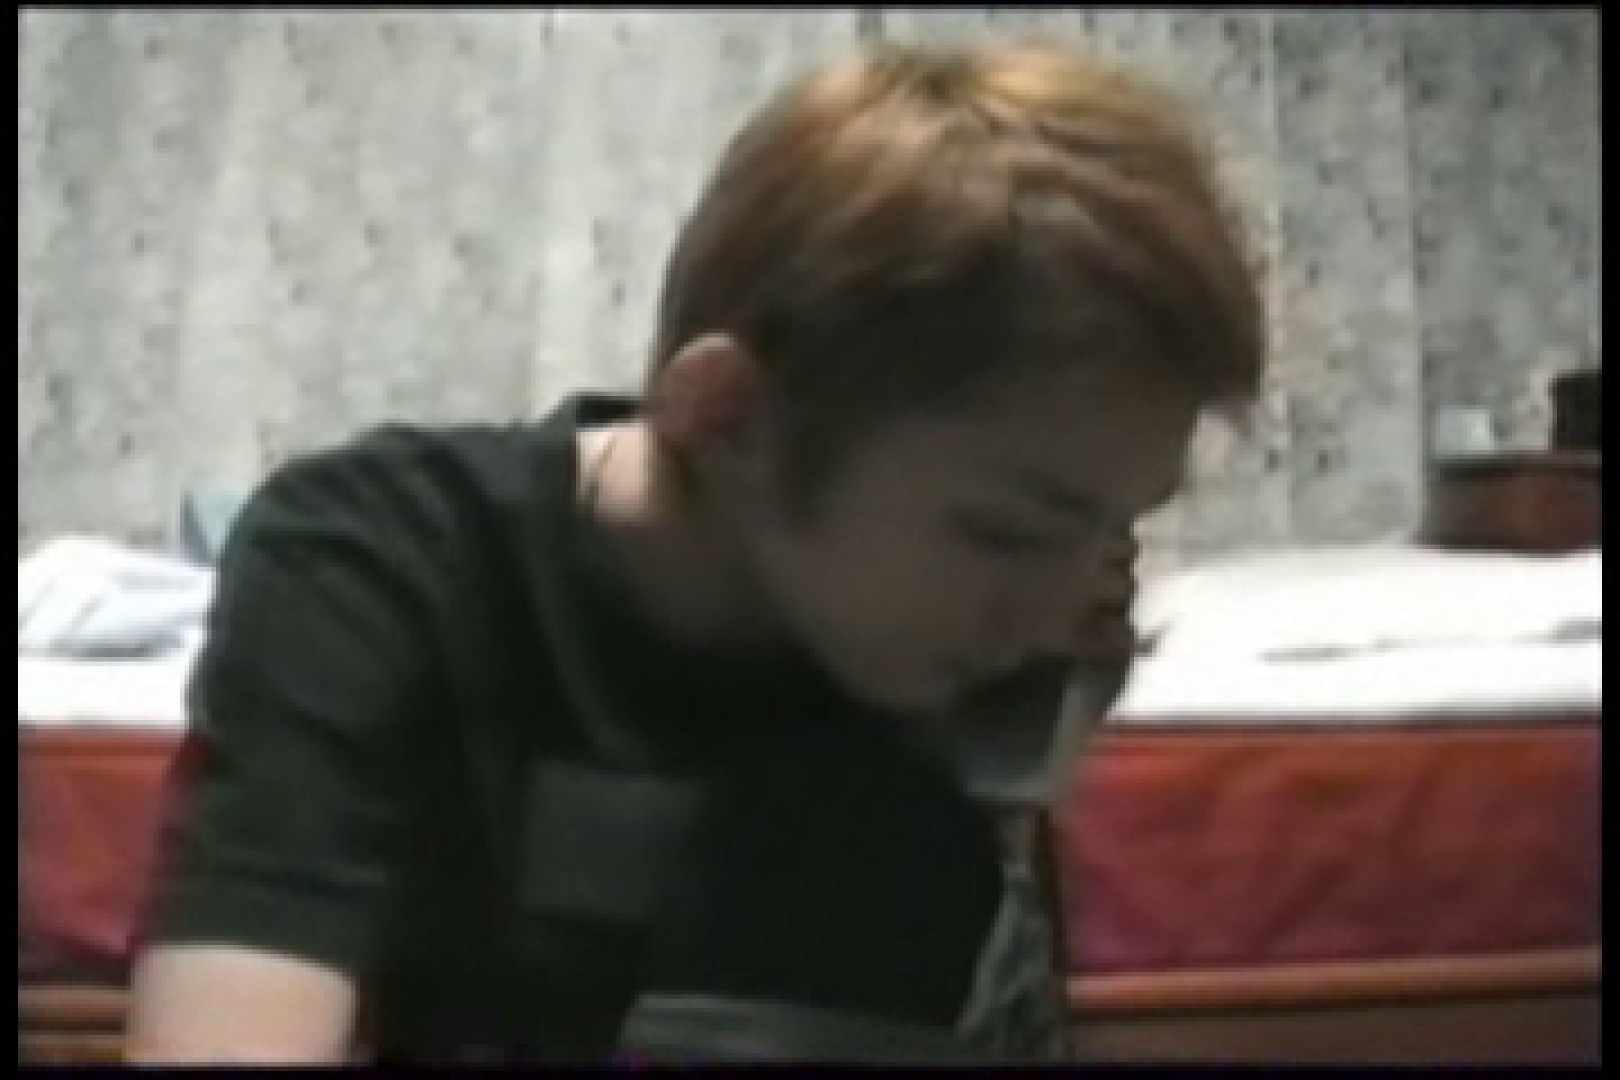 【流出】アイドルを目指したジャニ系イケメンの過去 ゲイのオナニー映像 ゲイアダルトビデオ紹介 61枚 2